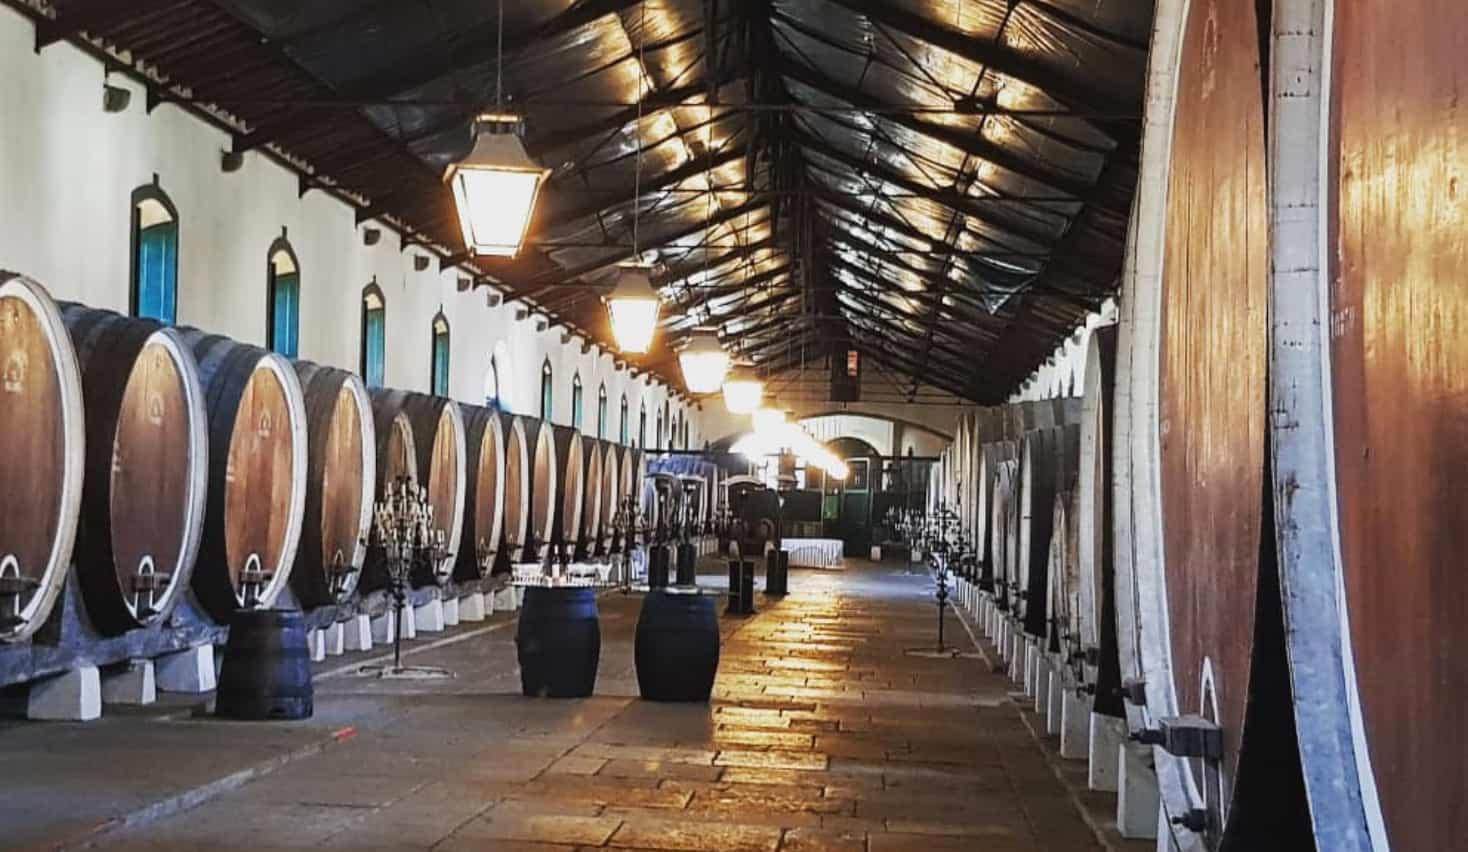 Tour des vignobles de Lisbonne.